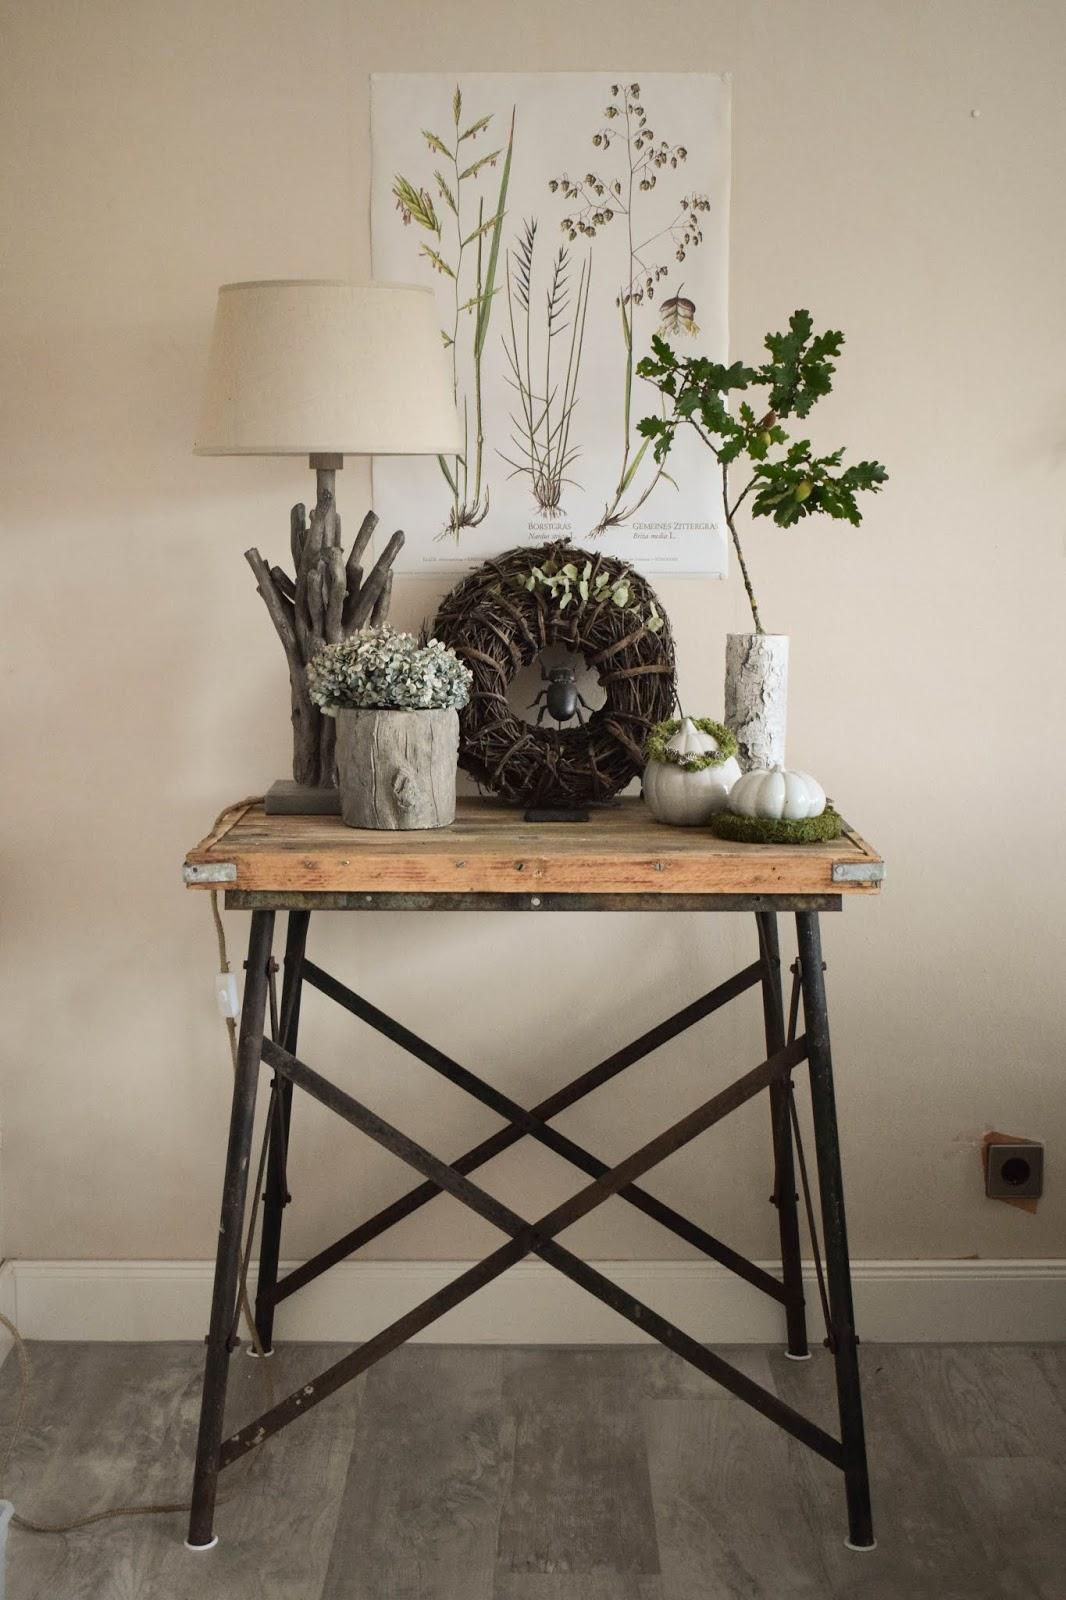 Deko Herbst für Konsole und Sideboard mit Eicheln. Herbstdeko Dekoidee Wohnzimmer Dekoration eiche eicheln botanisch natuerlich dekorieren 8